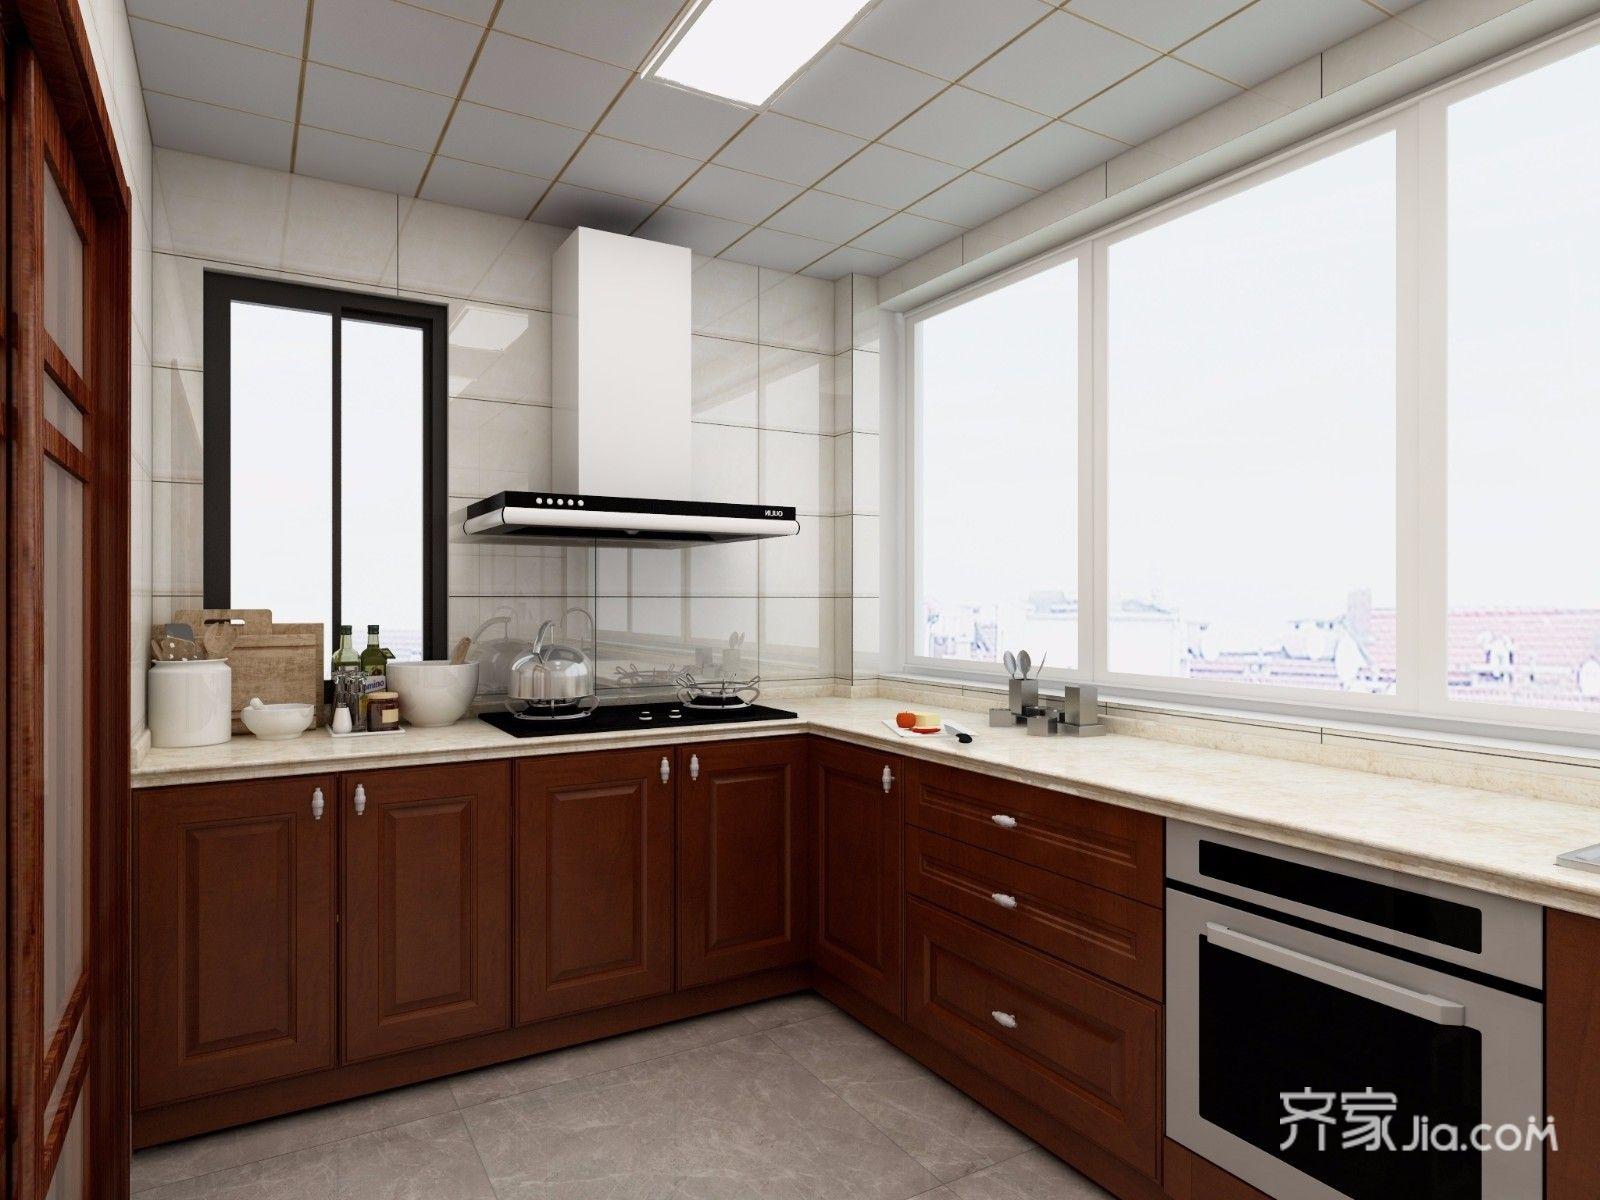 128平中式风格三居厨房装修效果图